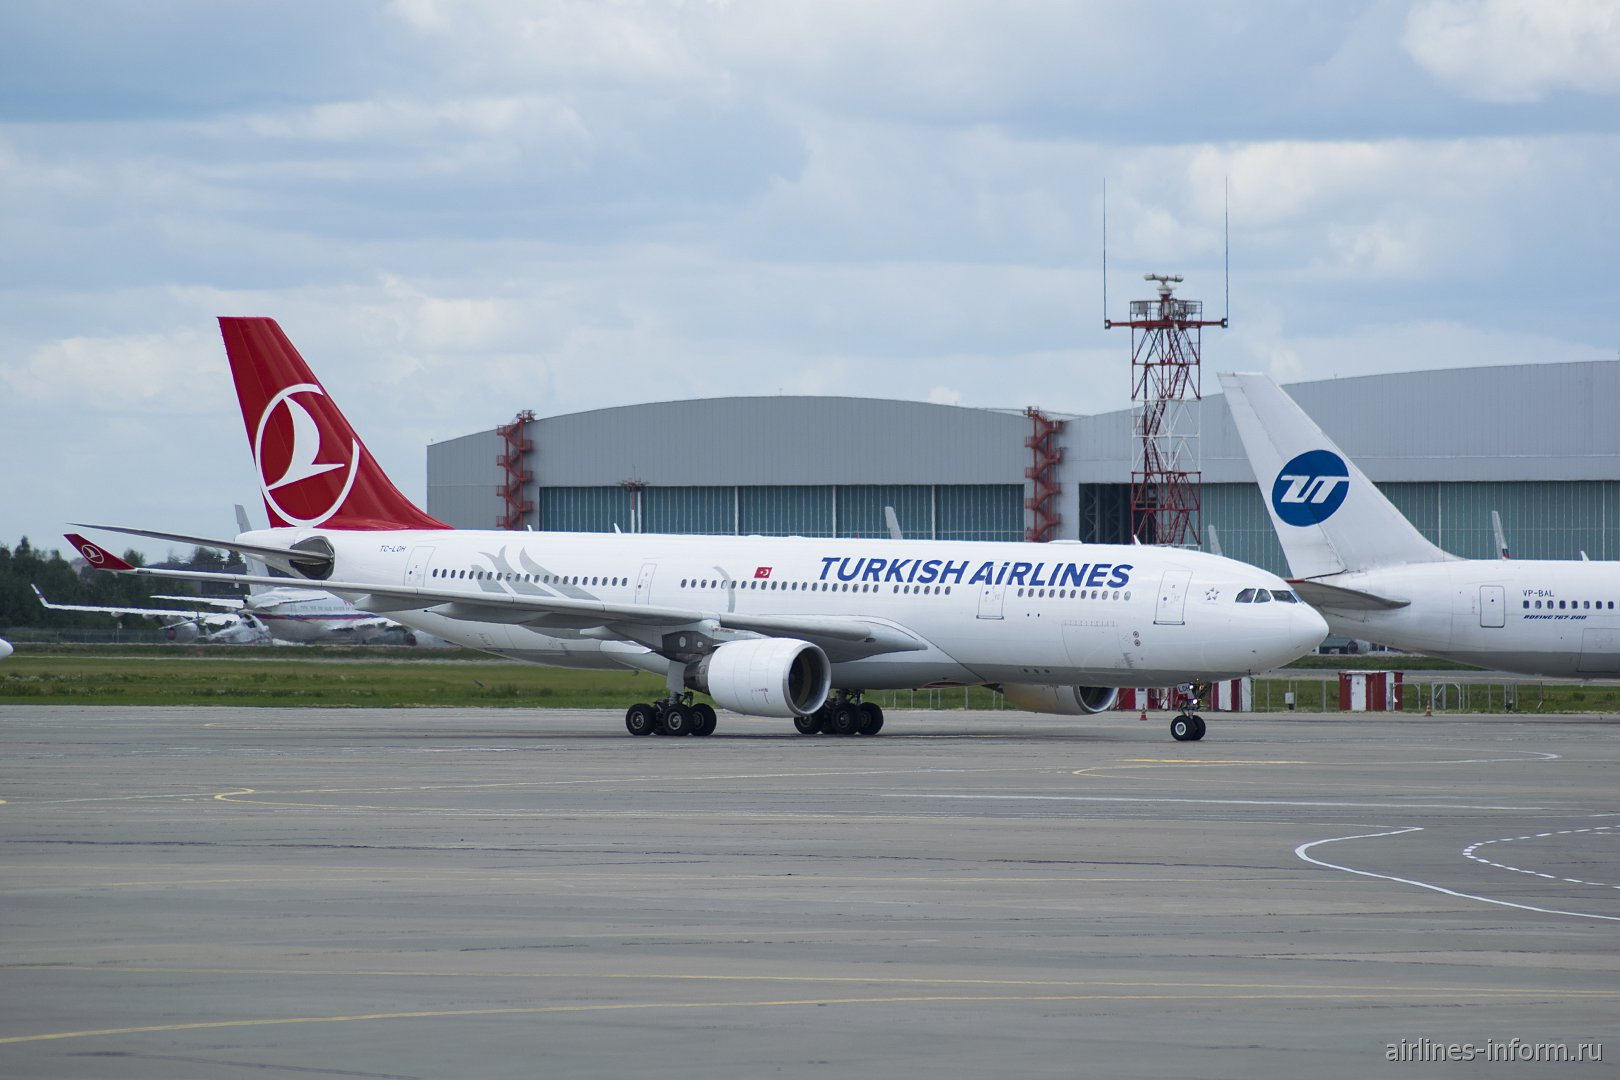 Airbus A330-200 Турецких авиалиний в аэропорту Внуково